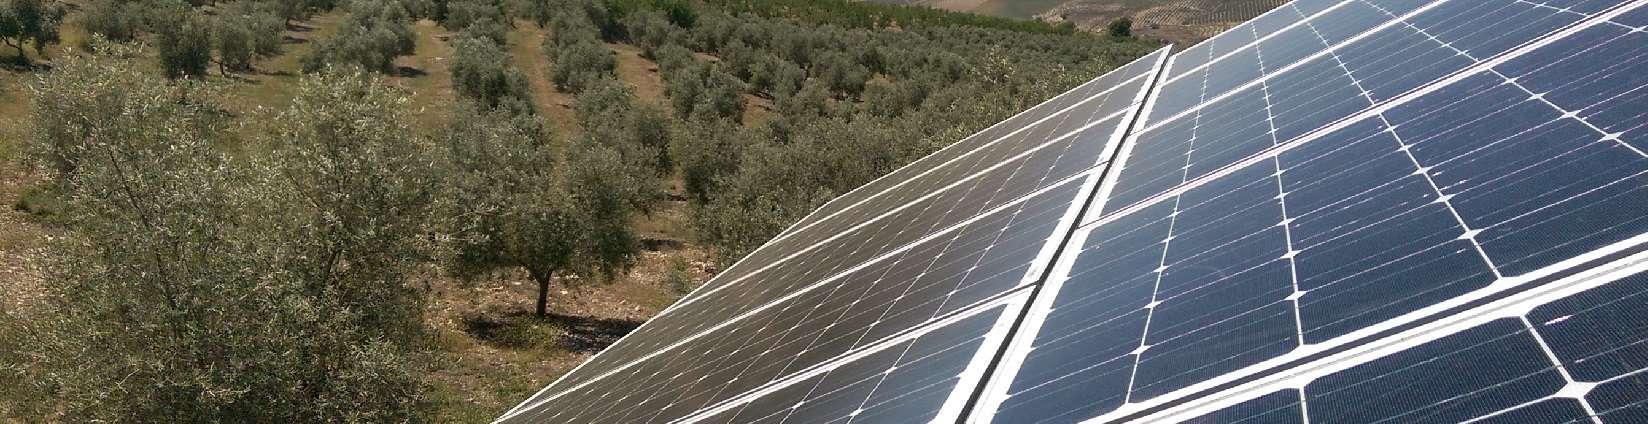 bombeo-solar-axarquia(1)